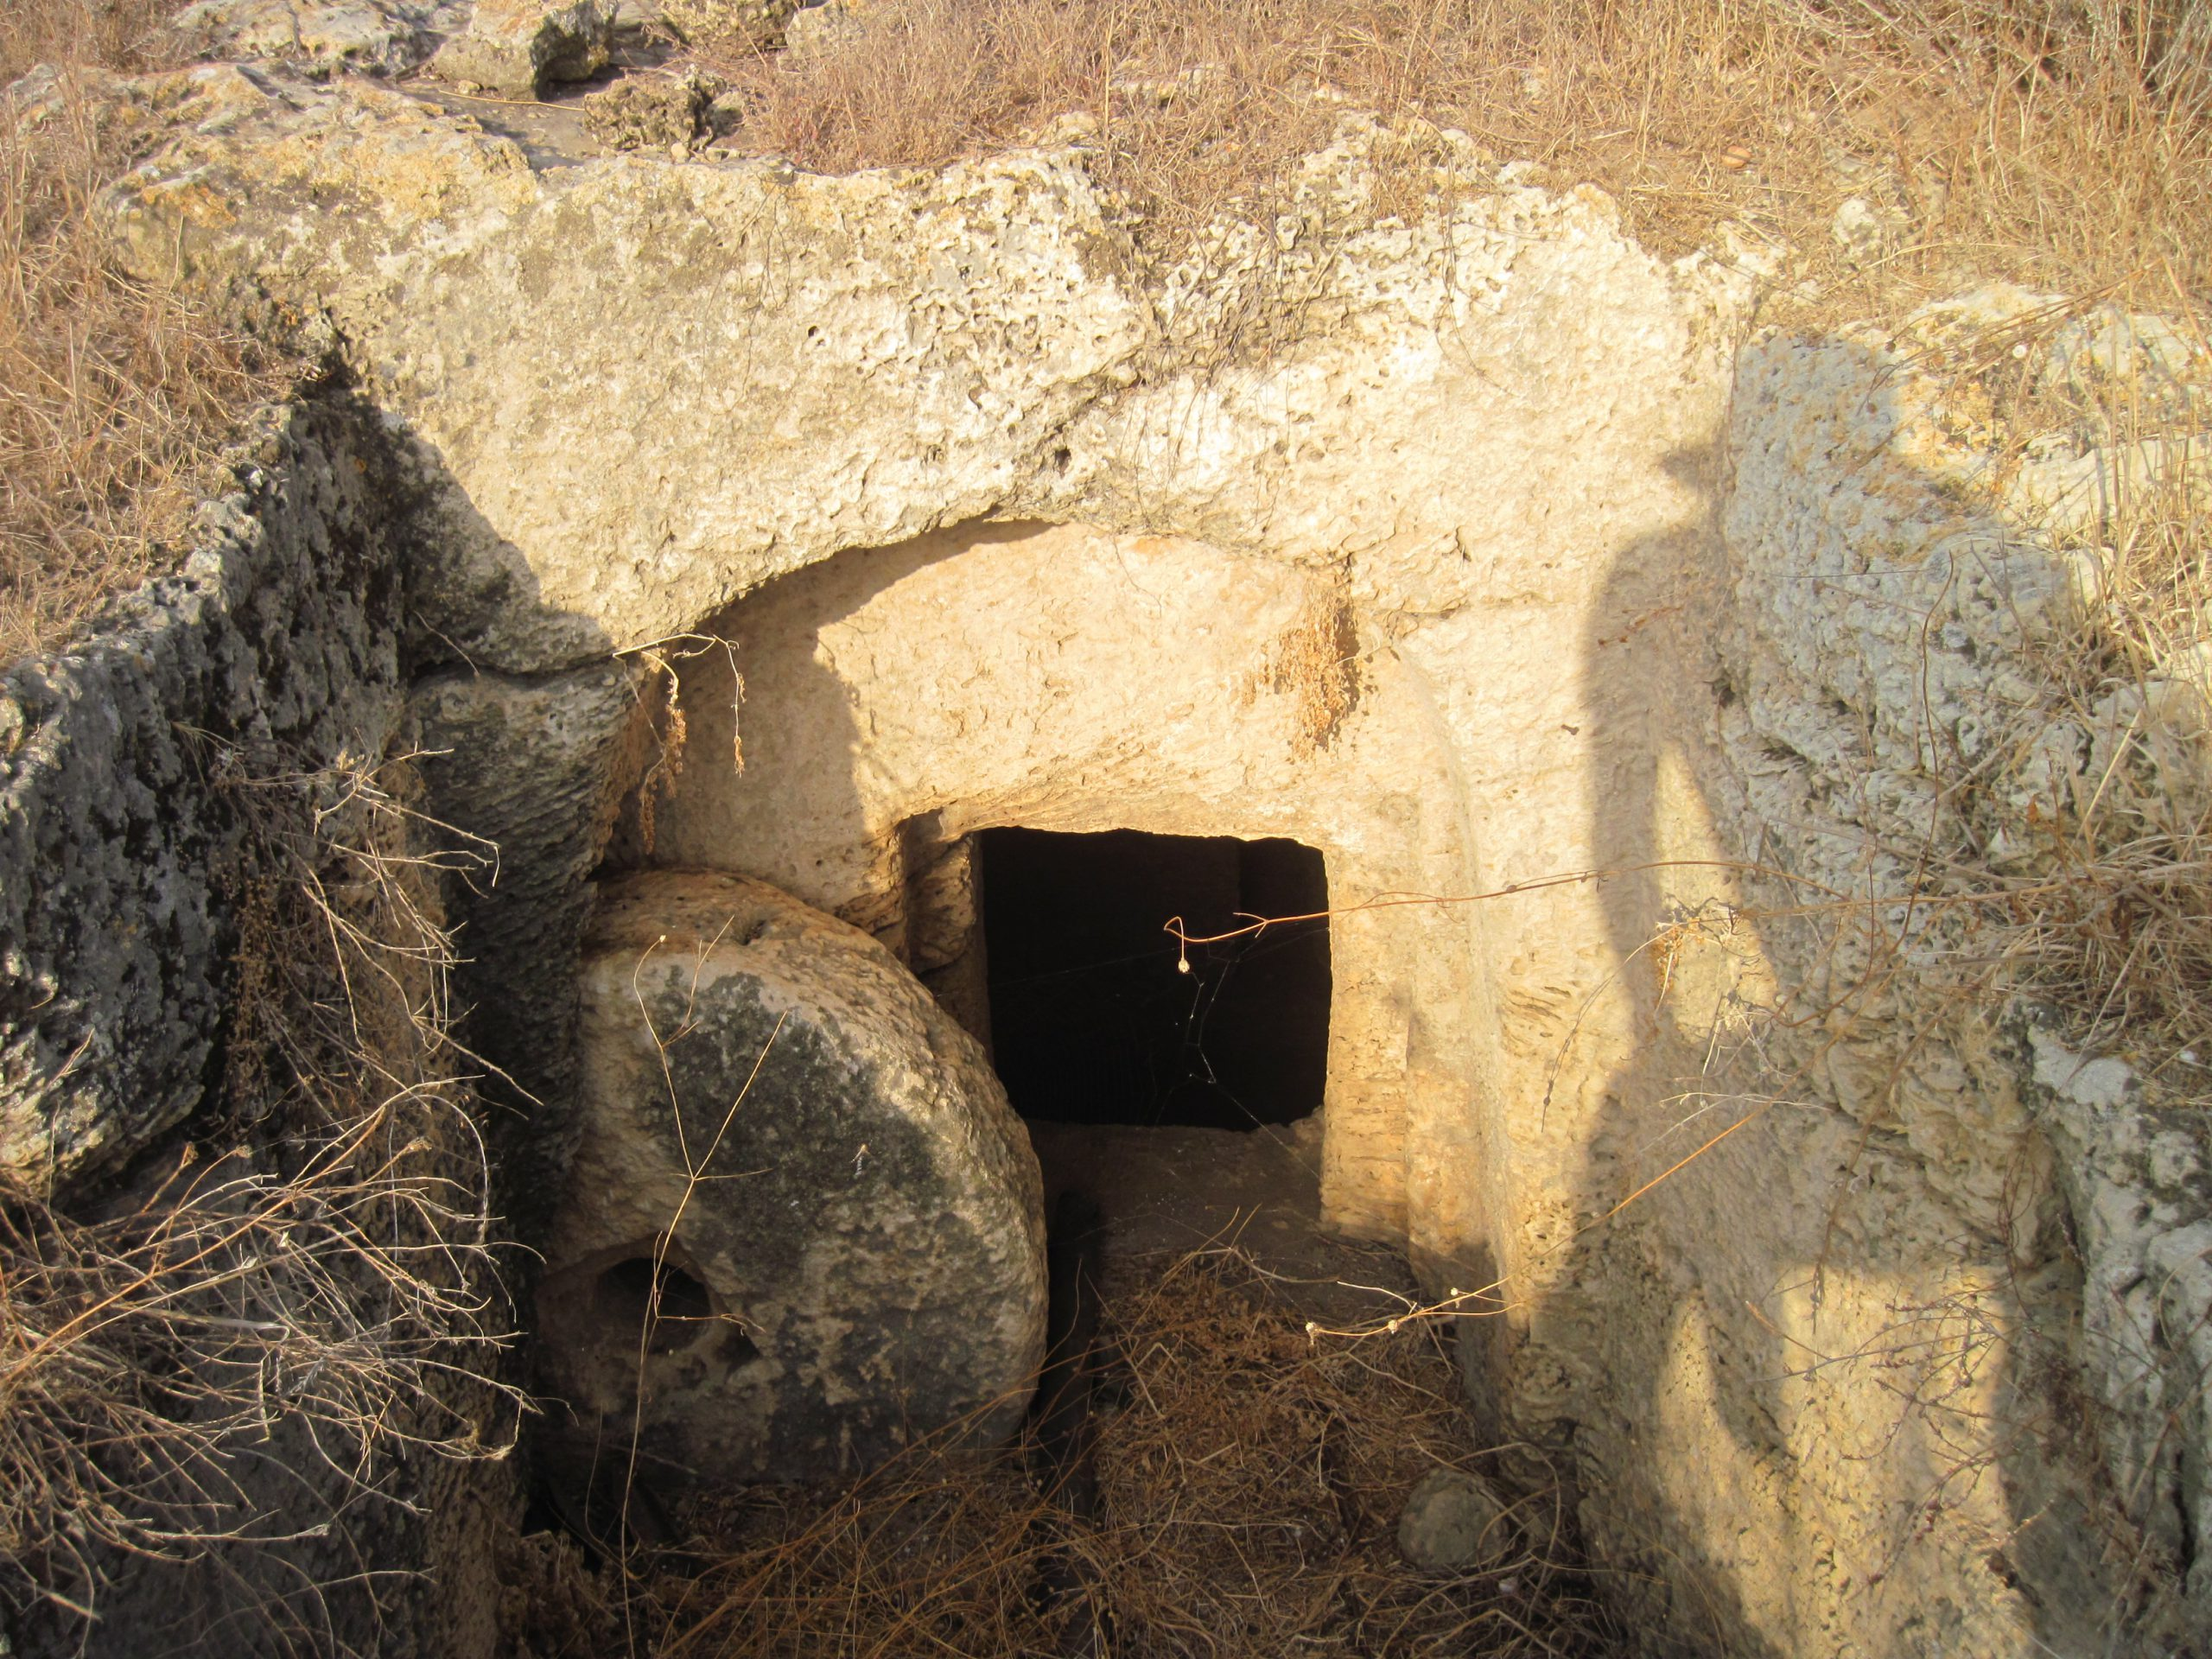 אחת ממערות הקבורה בחרבת טפת.